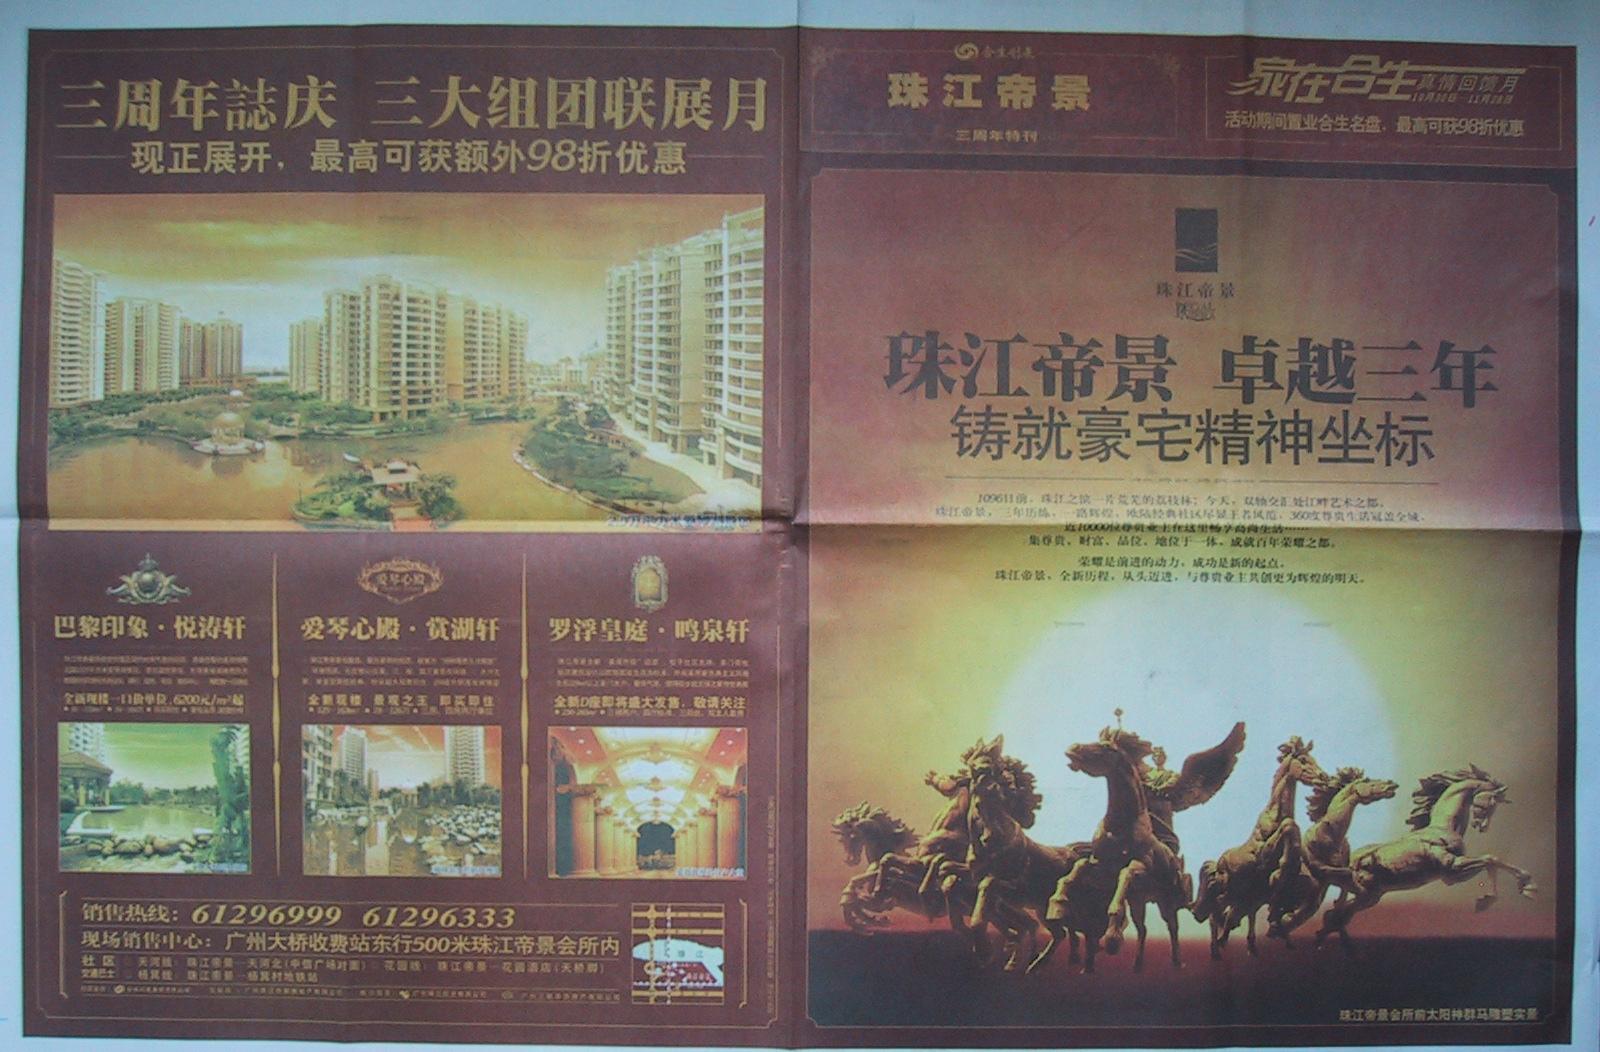 珠江帝景-卓越三年